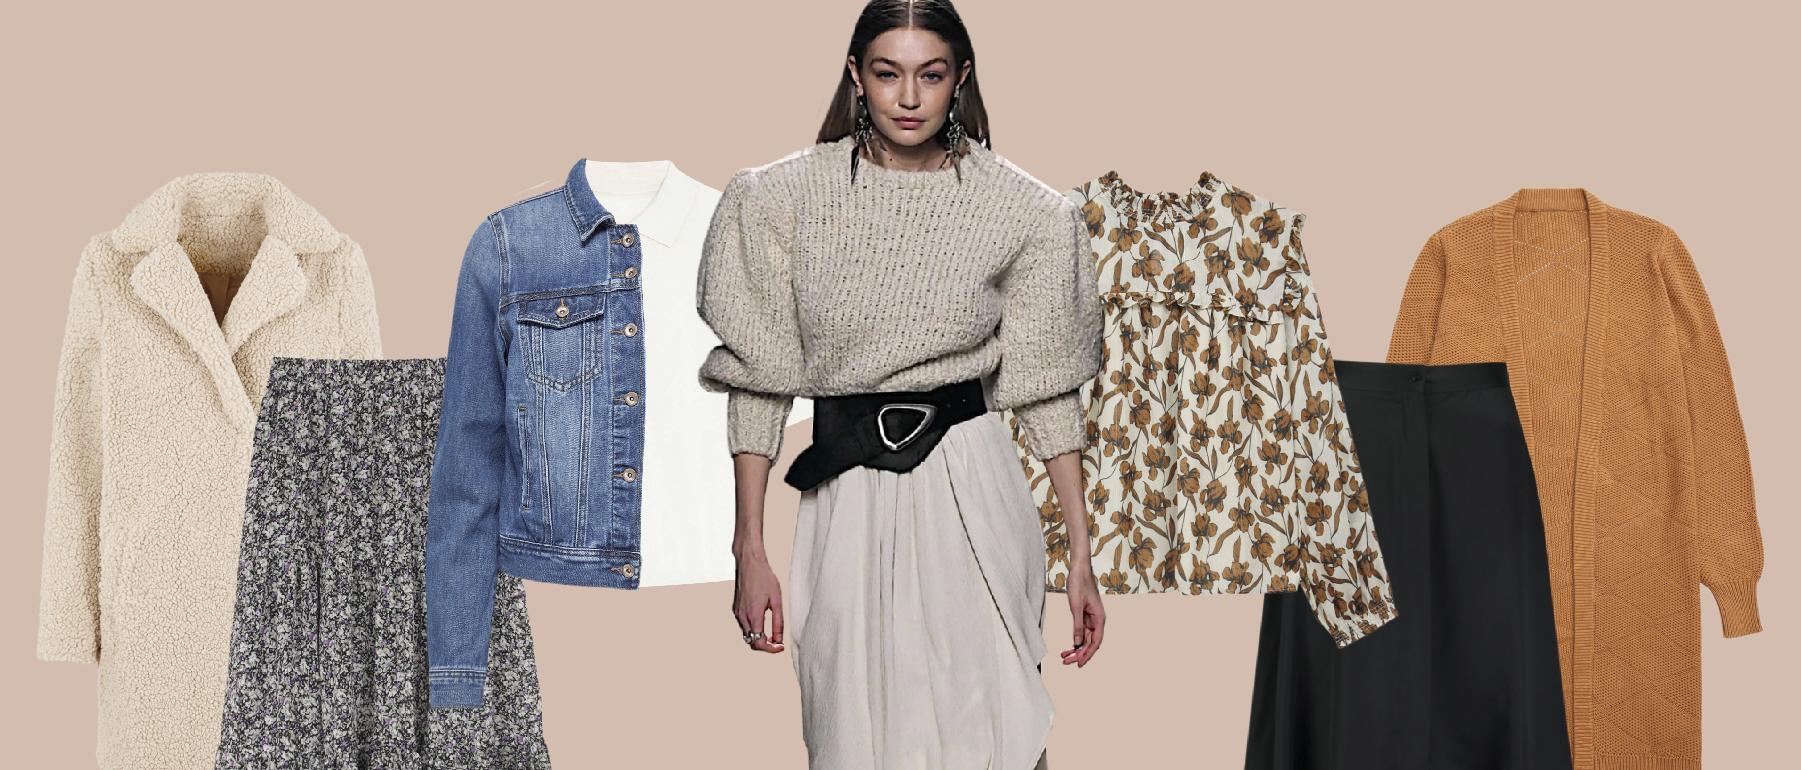 tendencia faldas otoño invierno 2020